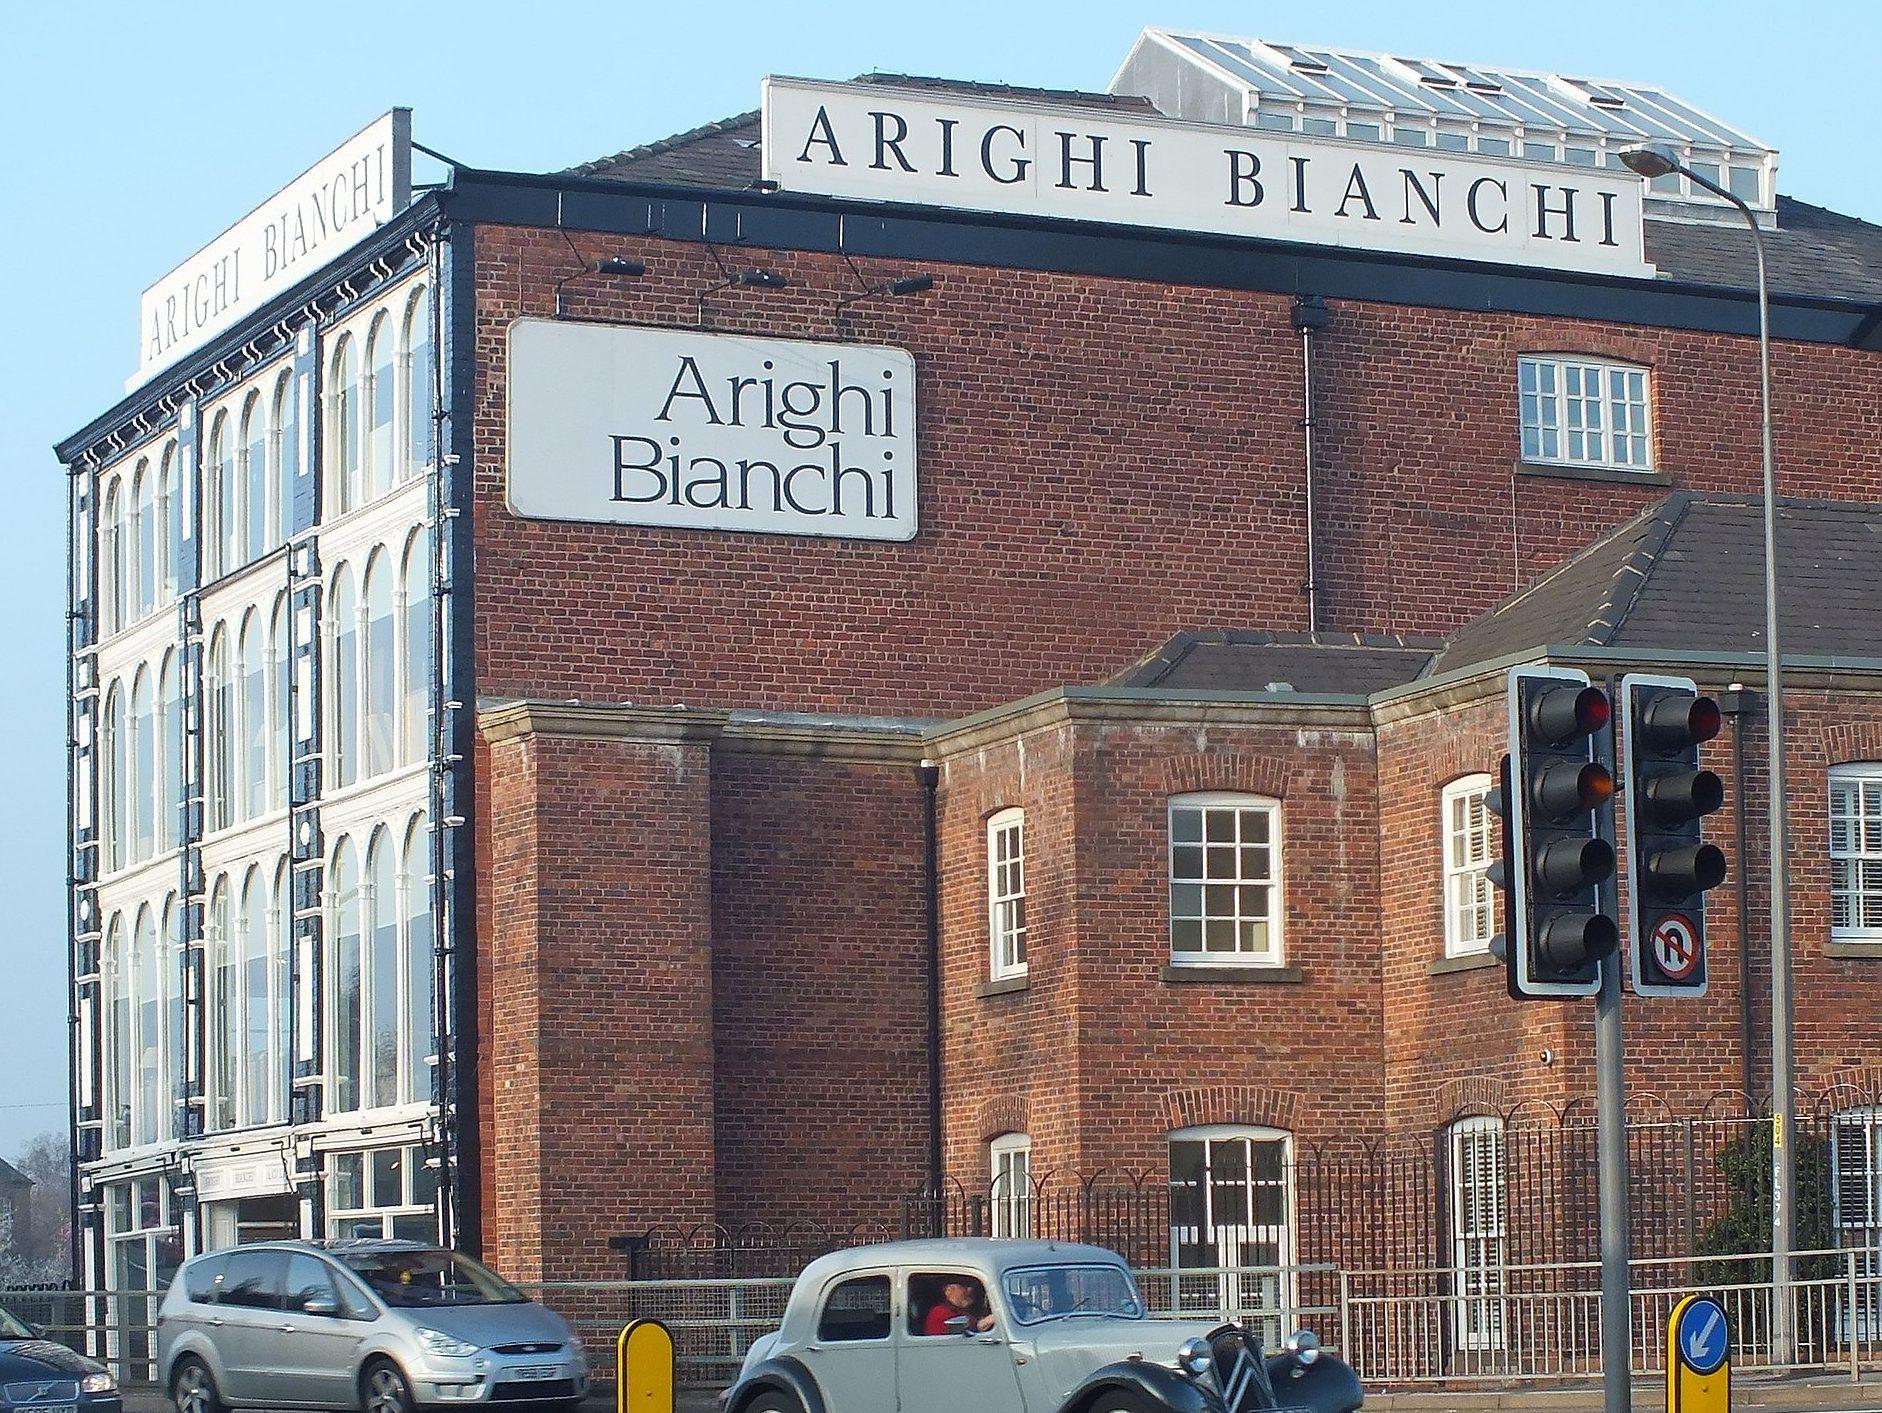 Arighi Bianchi furniture store, Macclesfield, Clem Rutter, Wikimedia Commons